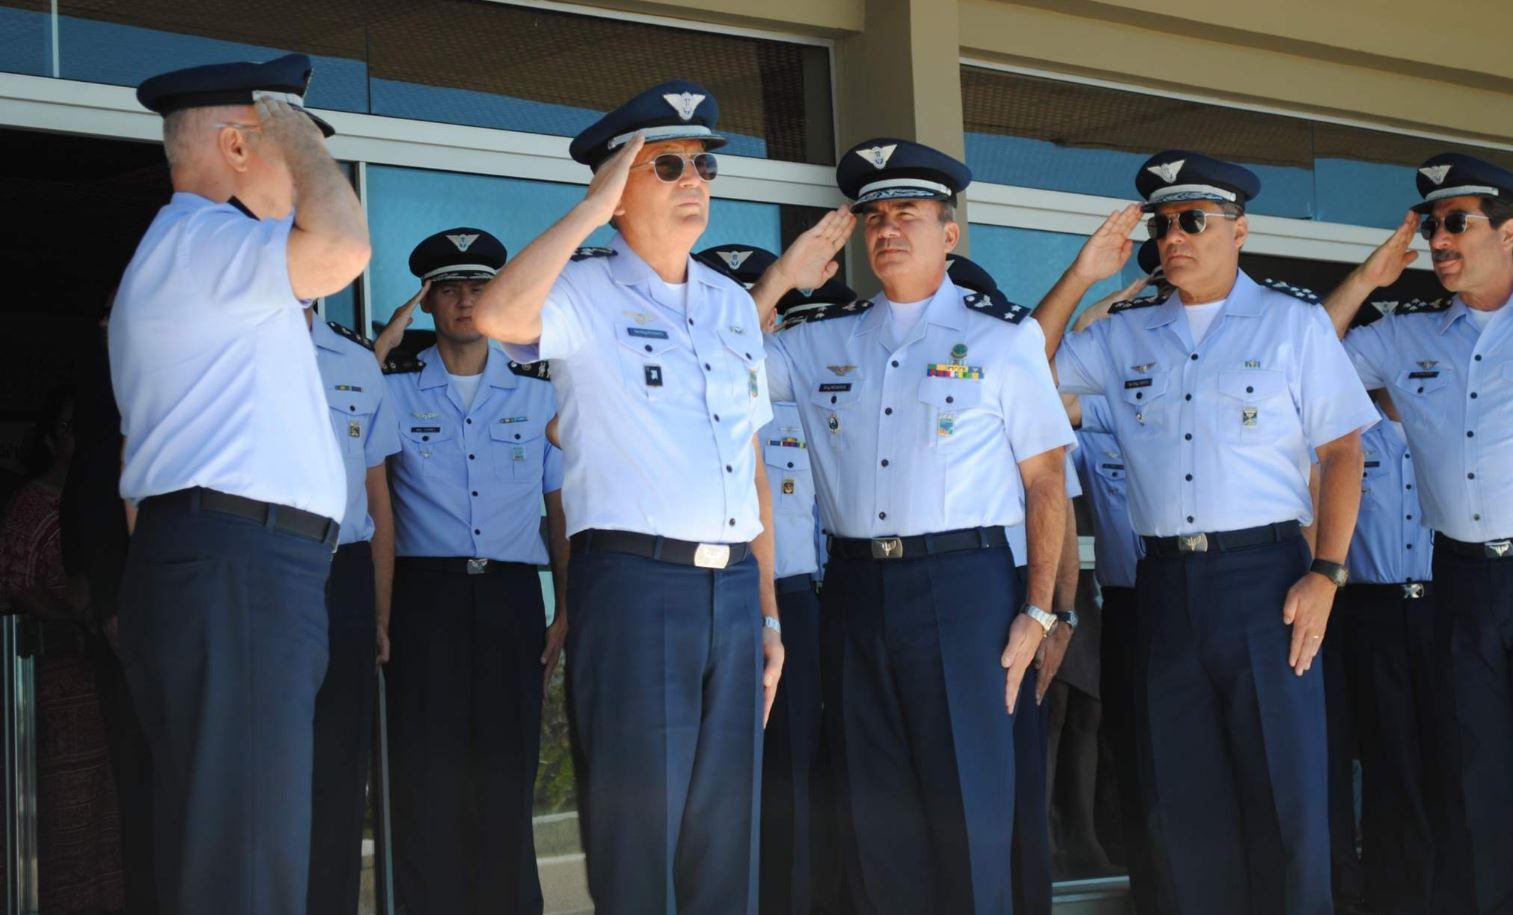 Diversas unidades da FAB realizam cerimônia de promoção de oficiais